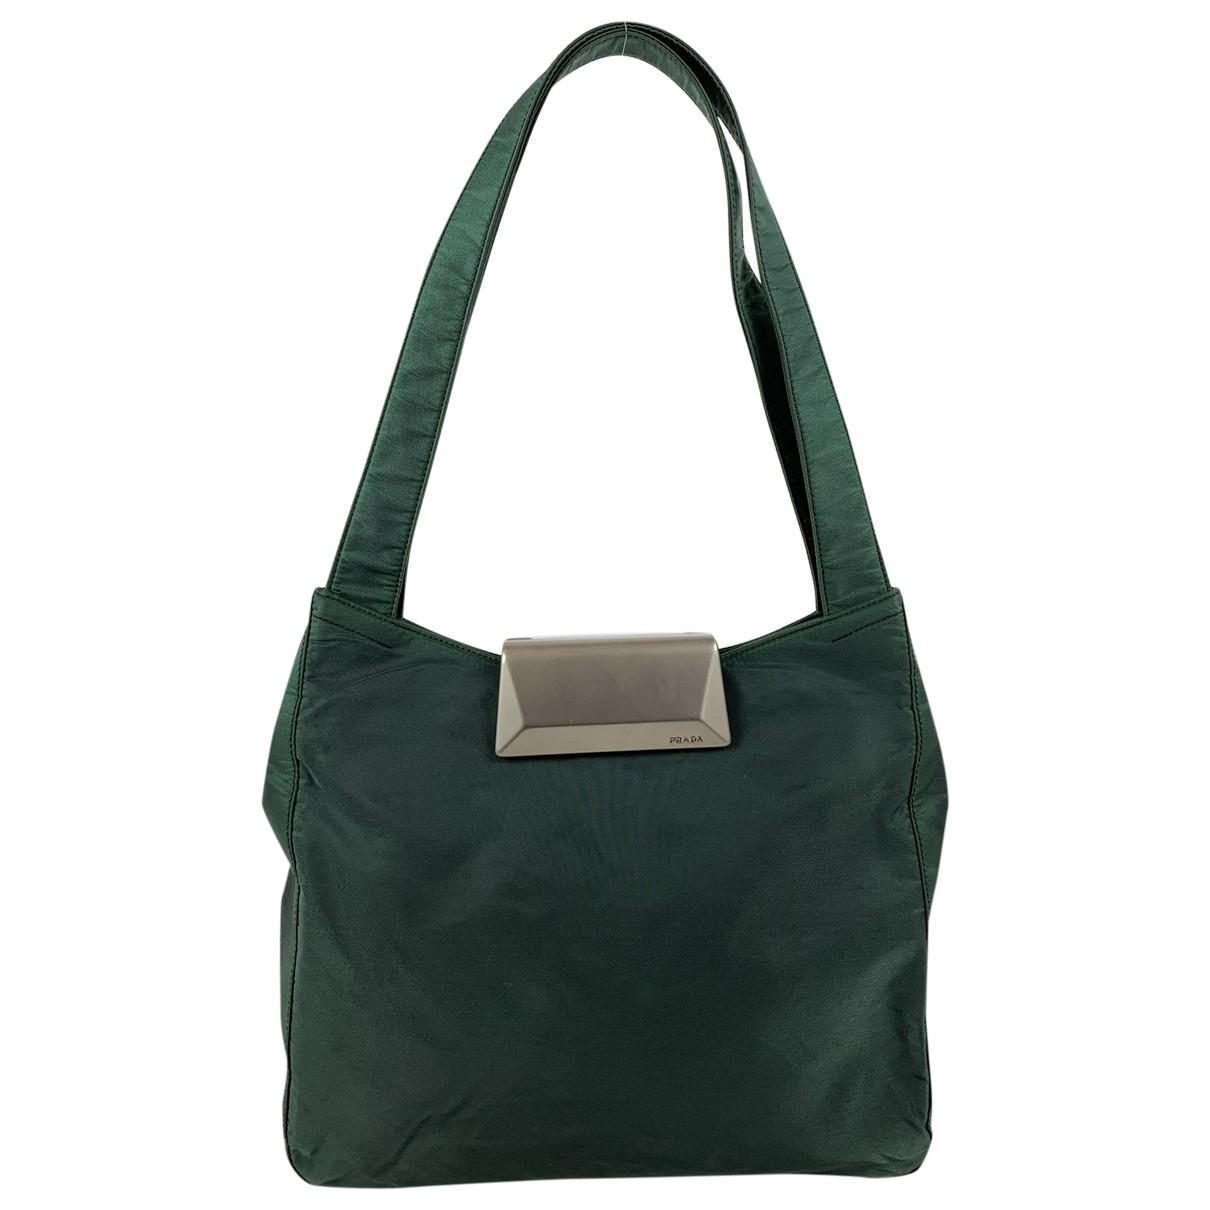 Prada \N Handtasche in  Gruen Leinen